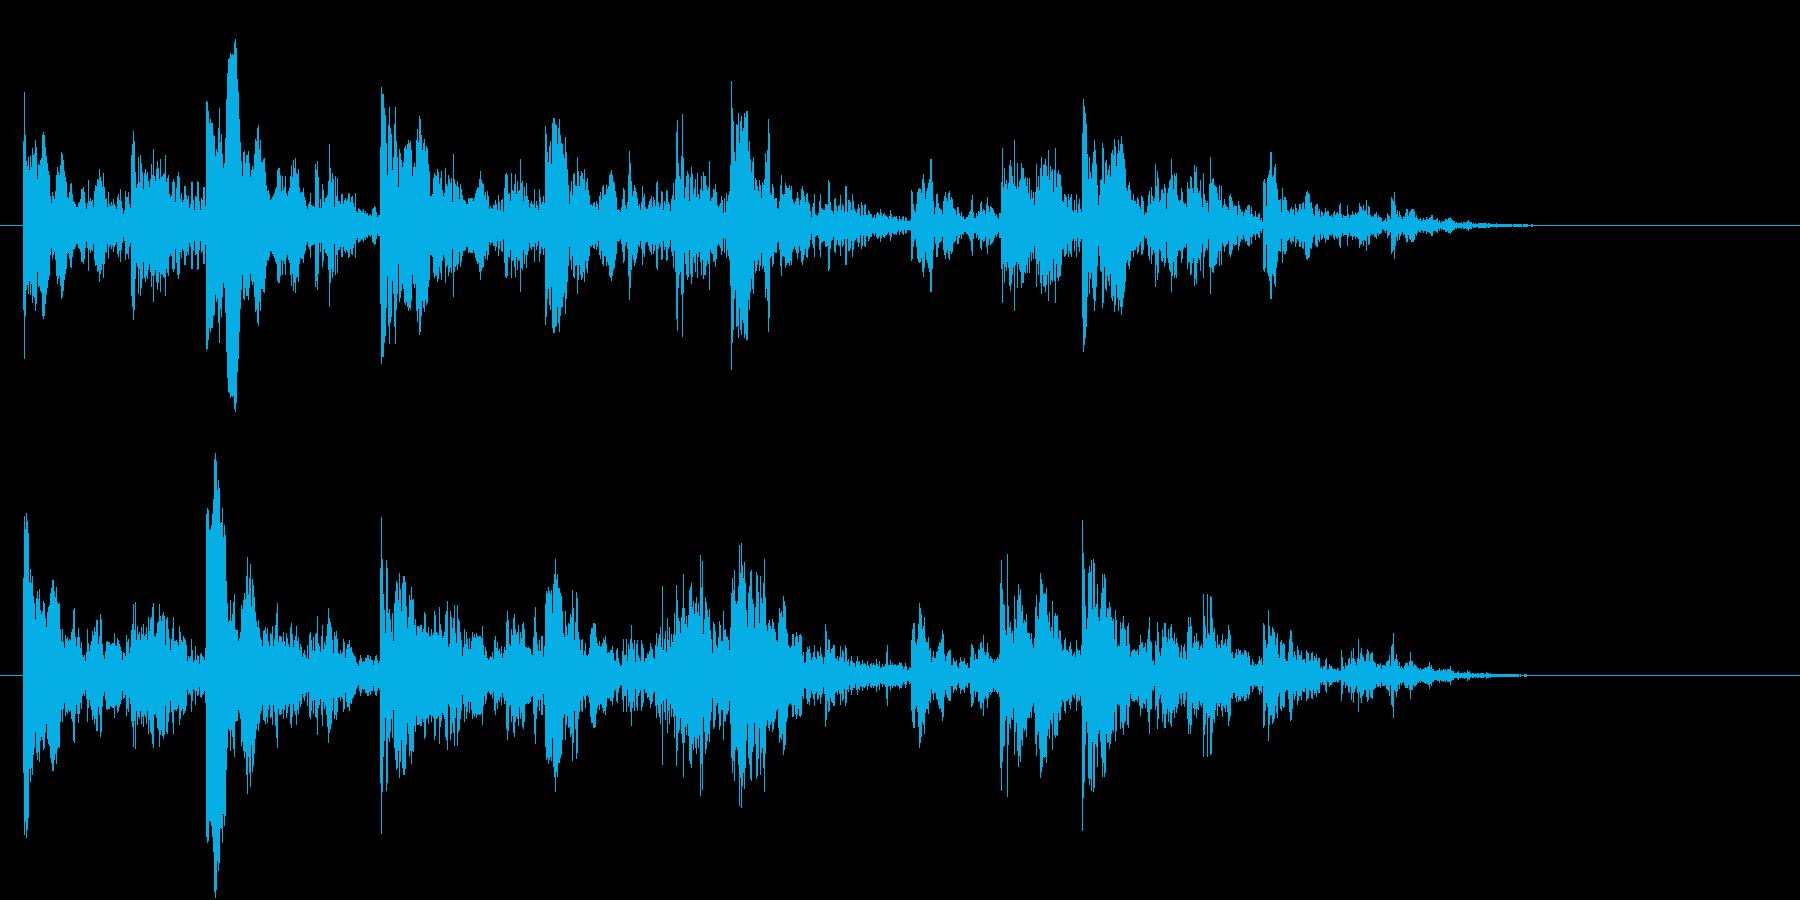 深海、海の中を漂う音 洞窟 コポコポ の再生済みの波形